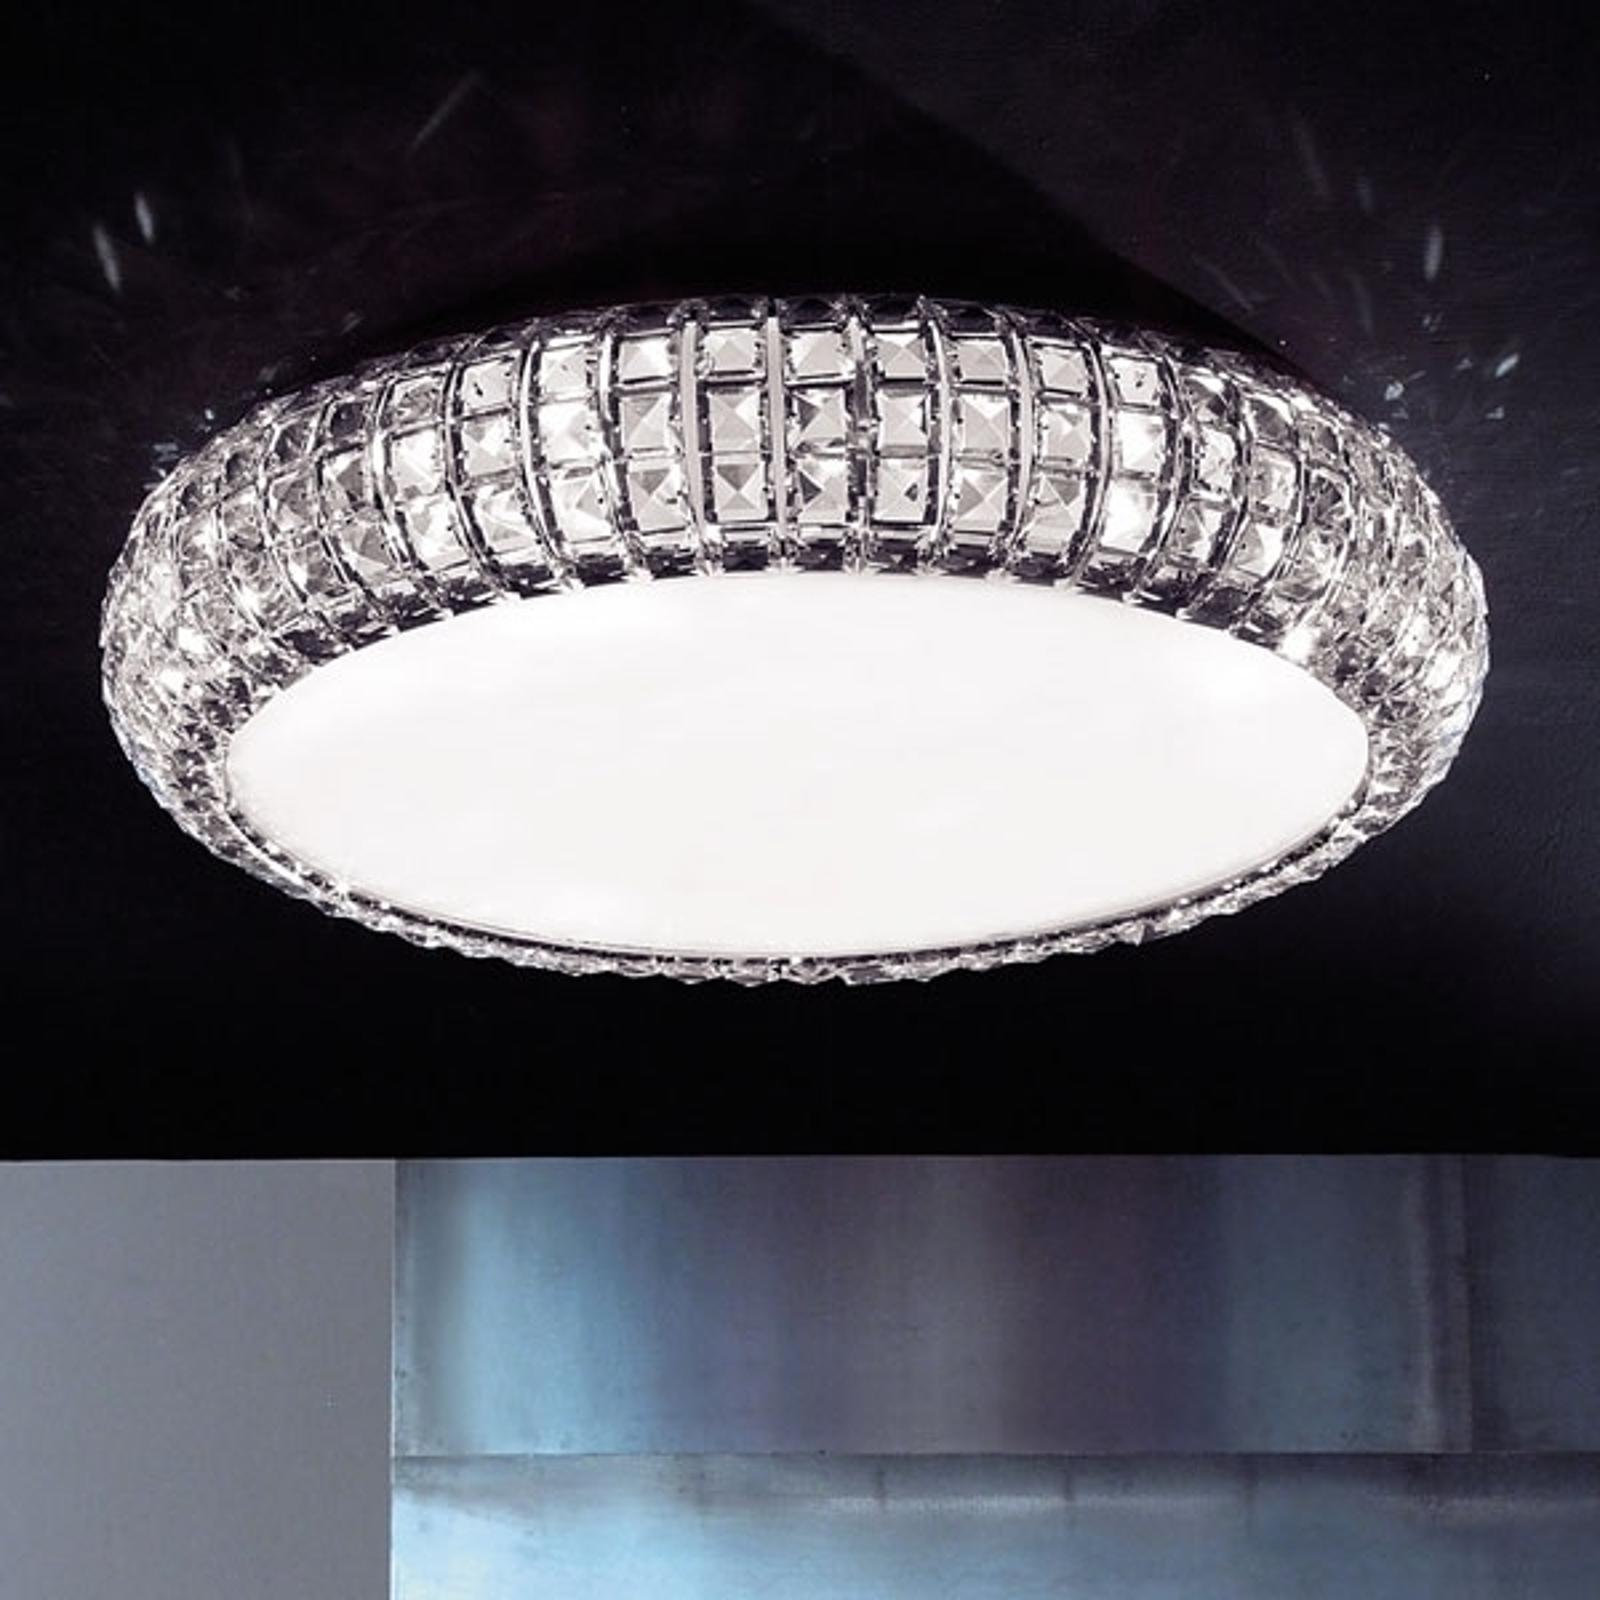 Krystall-taklampe ANDROMEDA